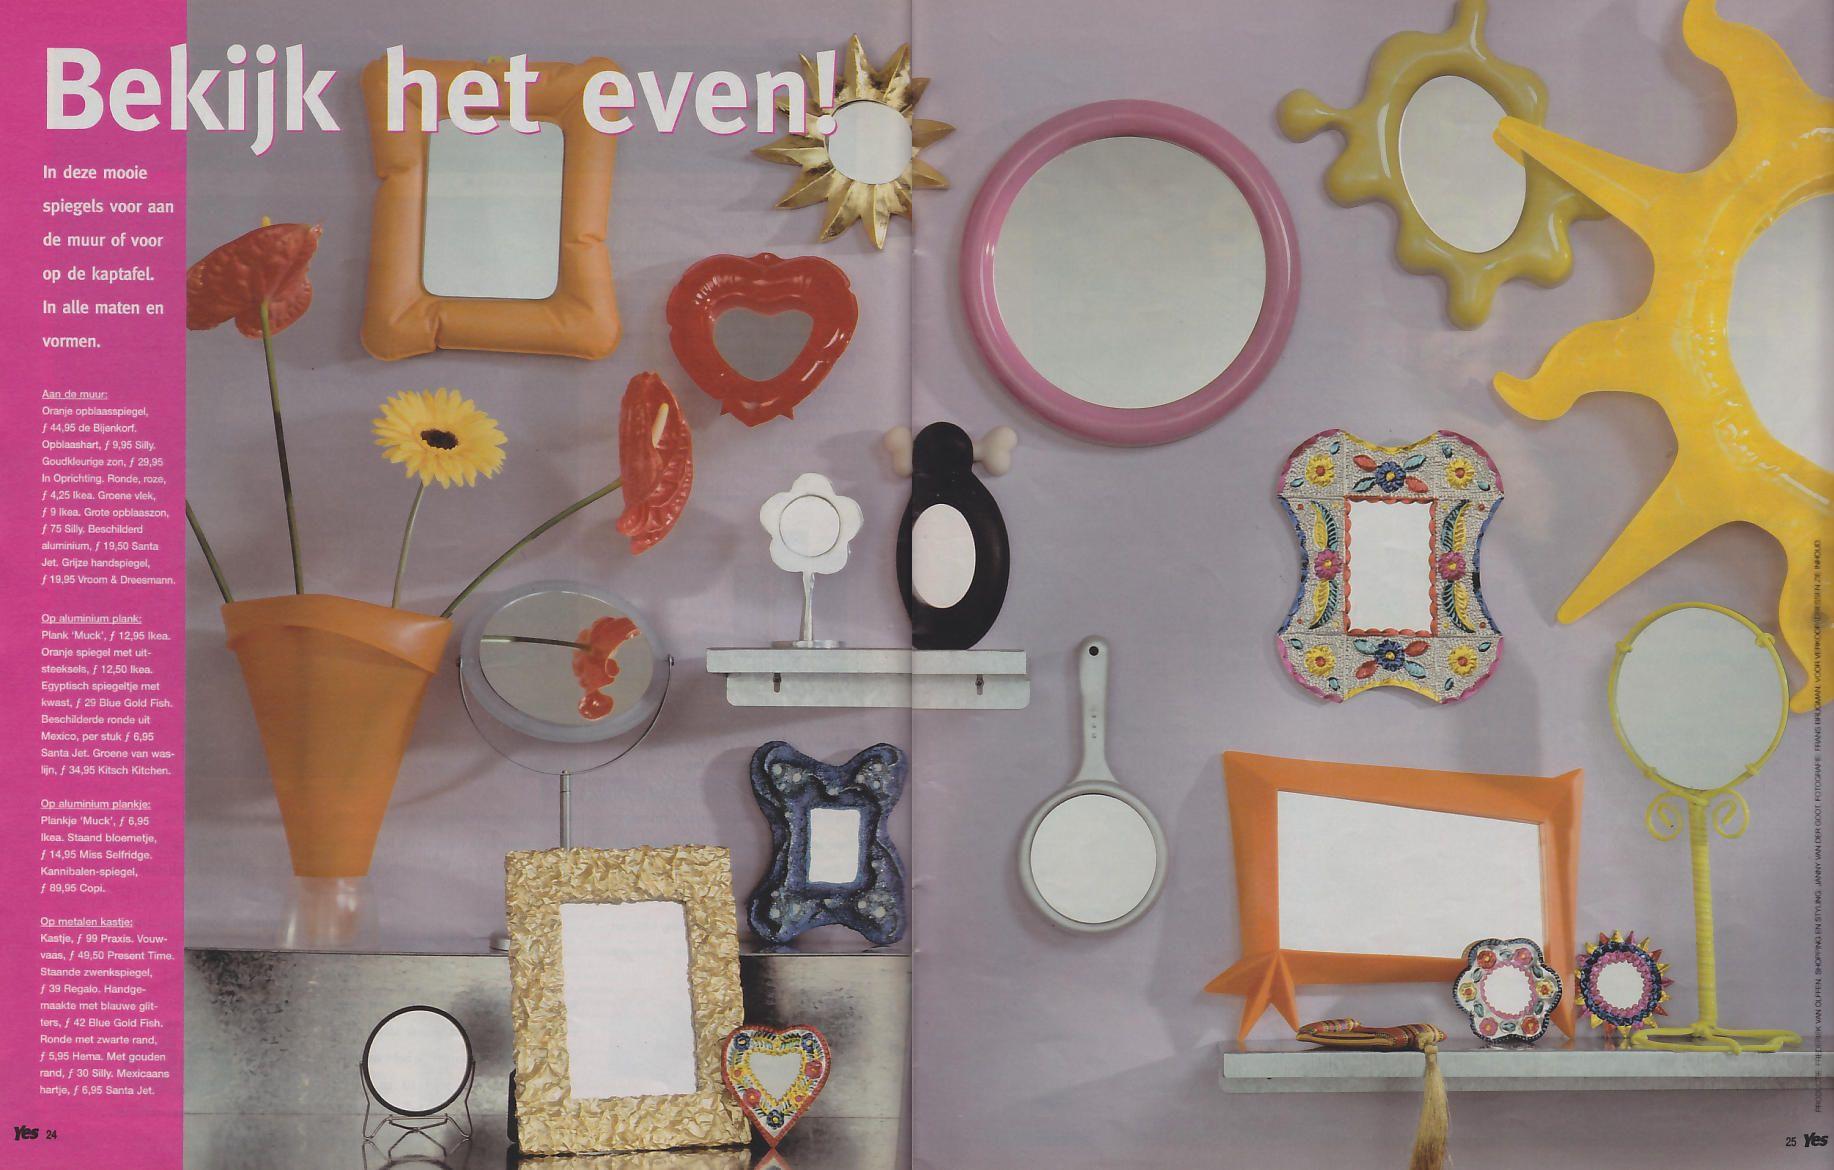 MLN / Typische jaren 90 interieur-inrichting - forum.fok.nl | 70 80 ...